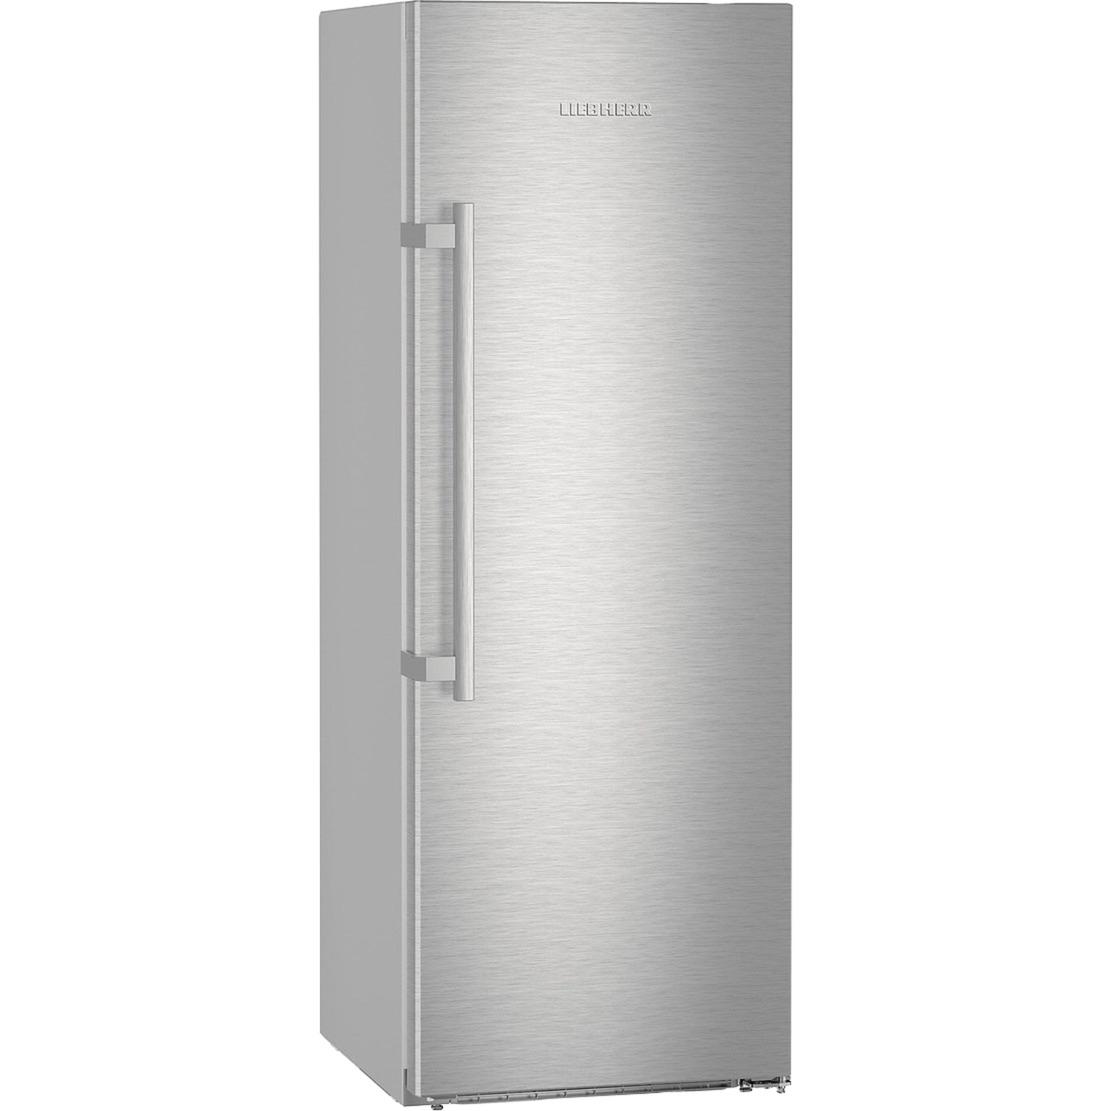 Liebherr Kef 3710-20 Comfort, Kühlschrank silber